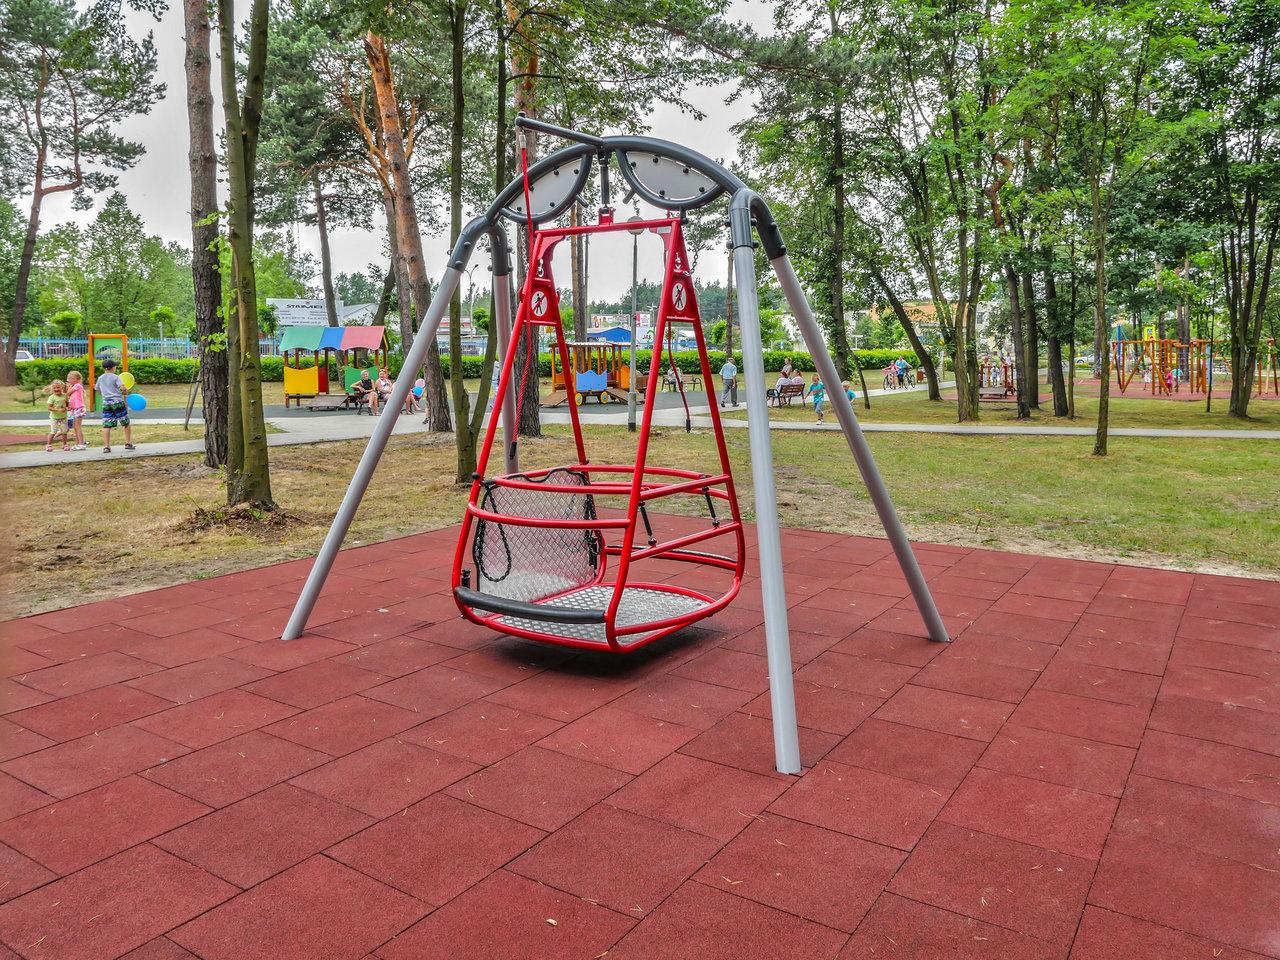 Unikke legeredskaber til legepladsen i specialinstitution